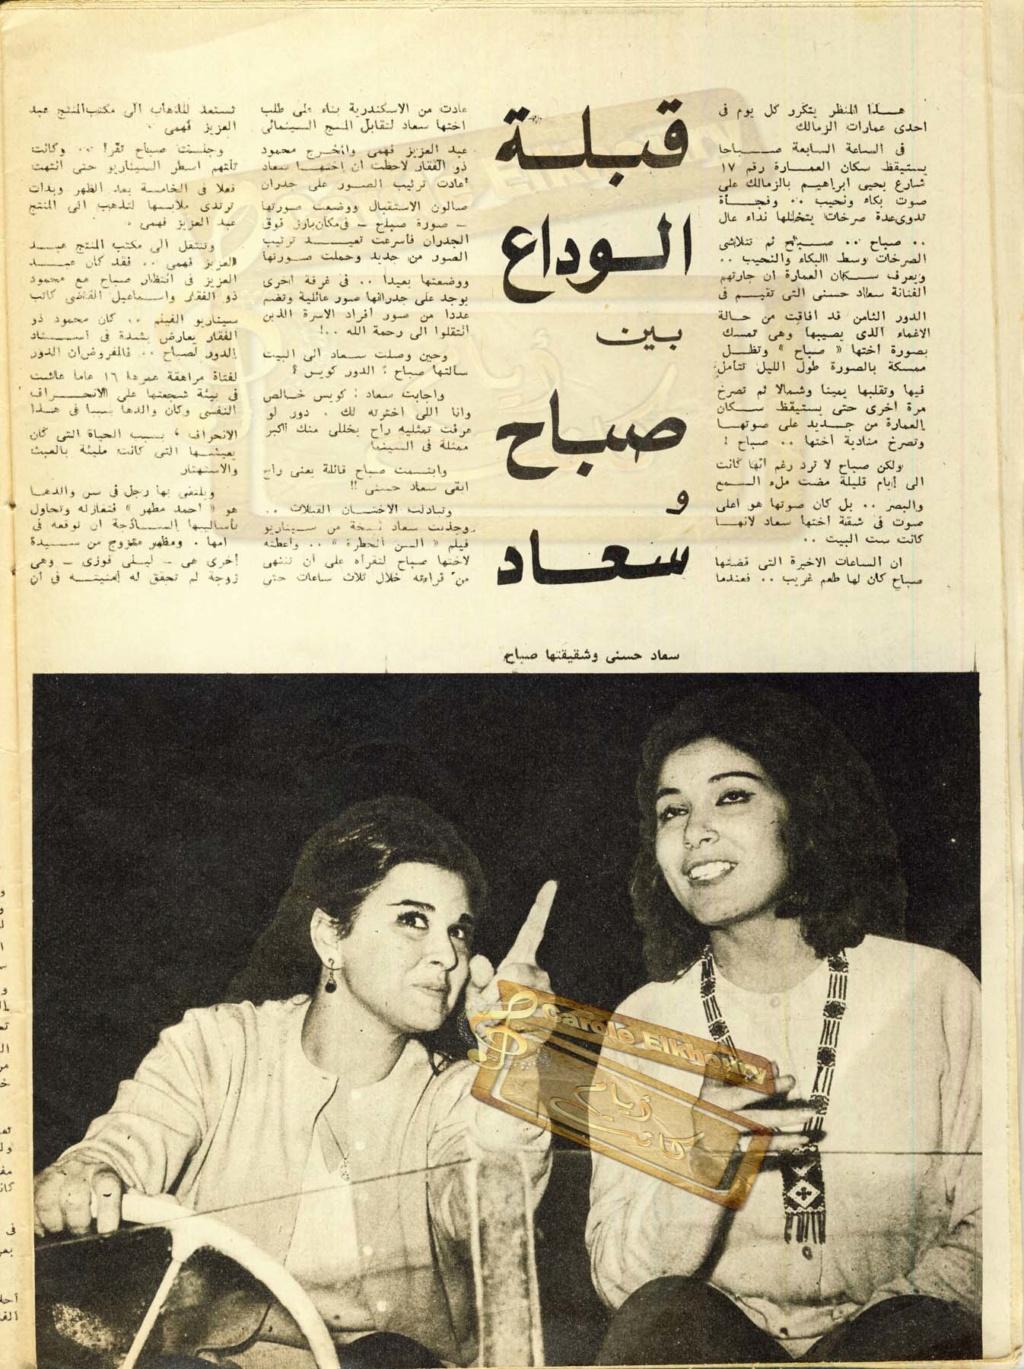 مقال صحفي : قبلة الوداع .. بين صباح وسعاد 1965 م 153